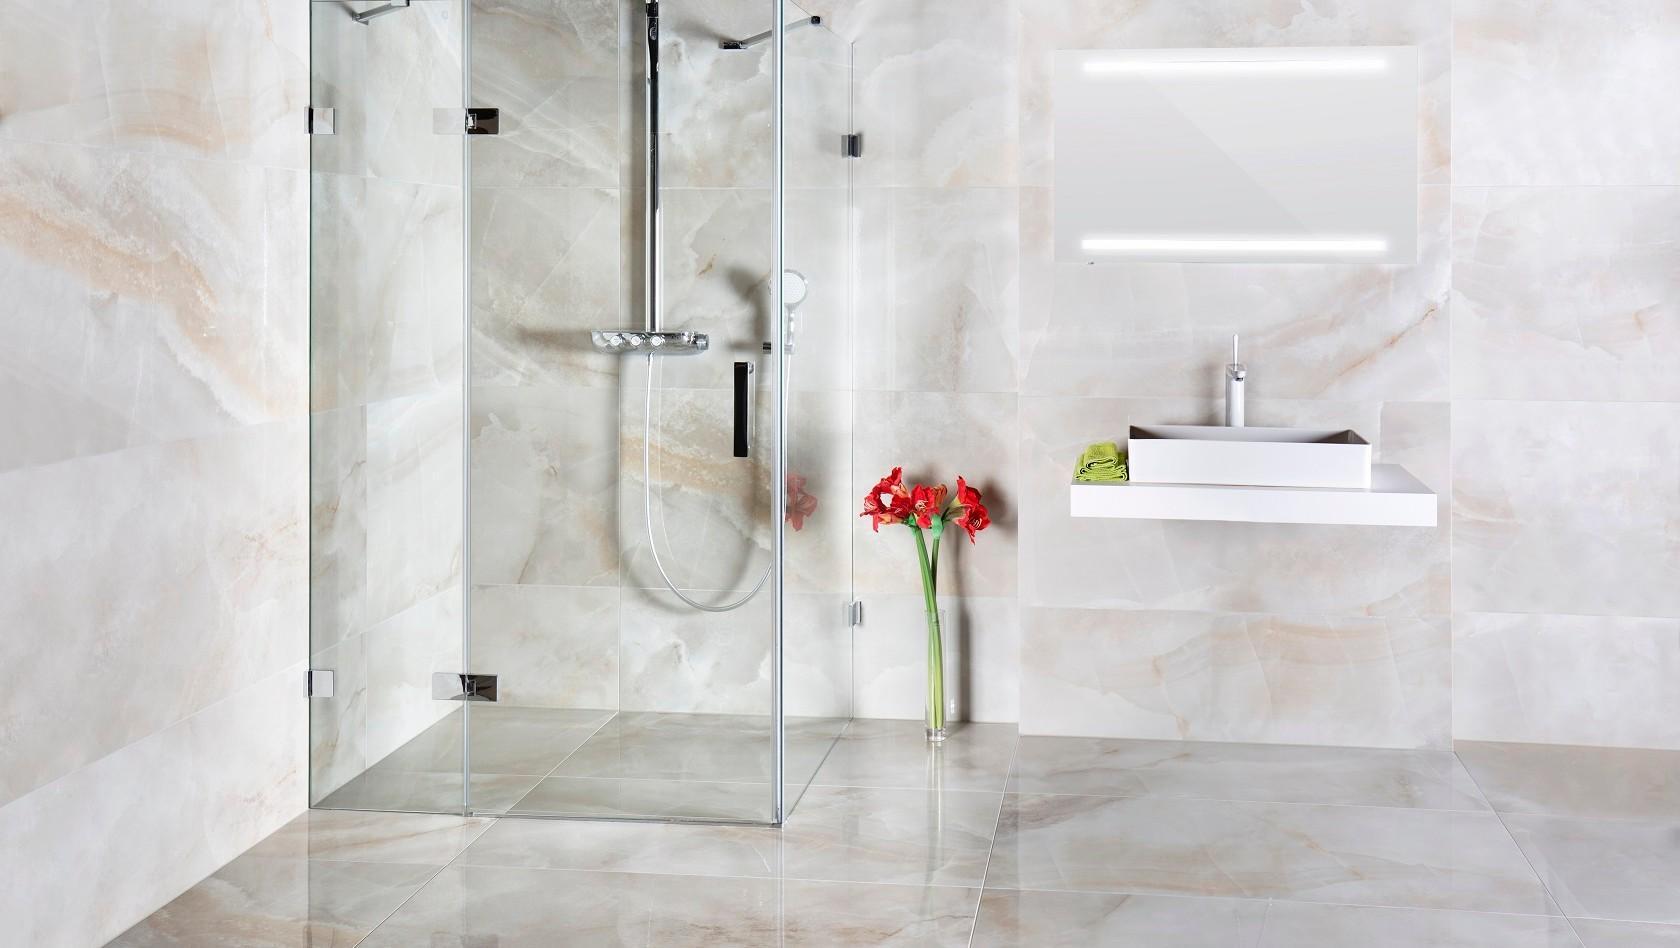 Nákupní seznam 😁 - Koupelna vybraná a objednaná 😉